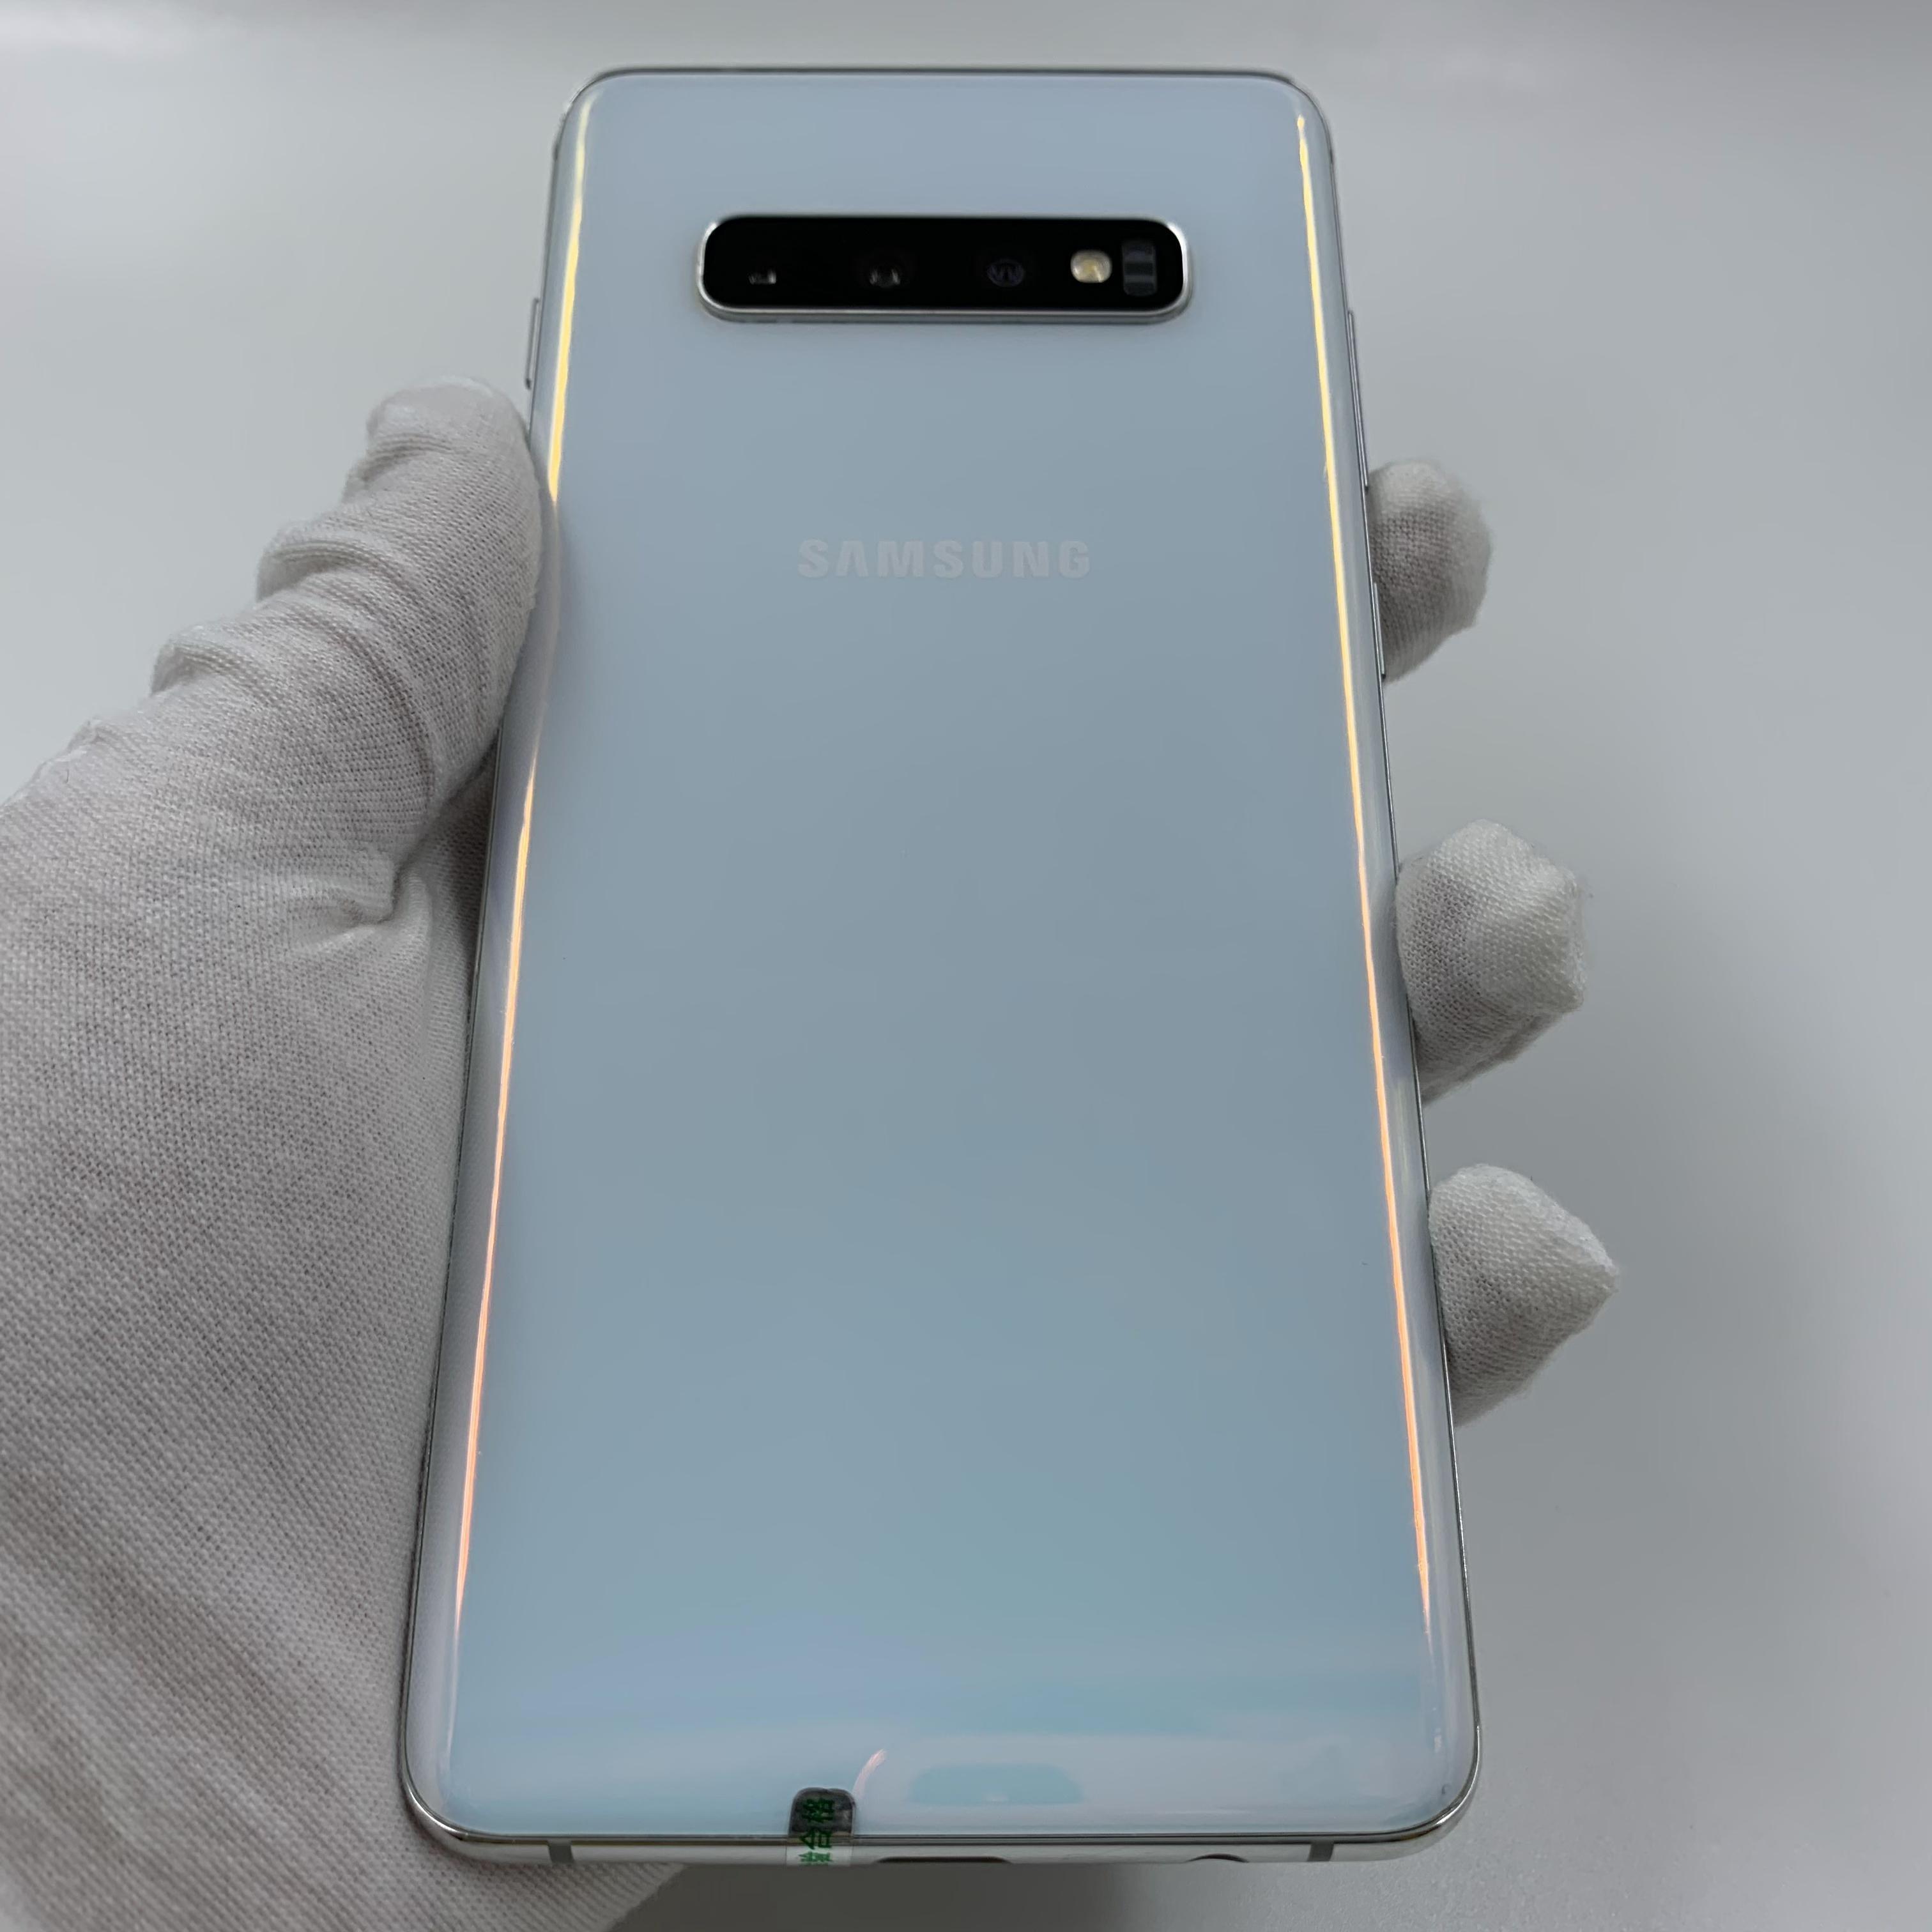 三星【Galaxy S10+】4G全网通 8G/128G 国行 7成新 真机实拍